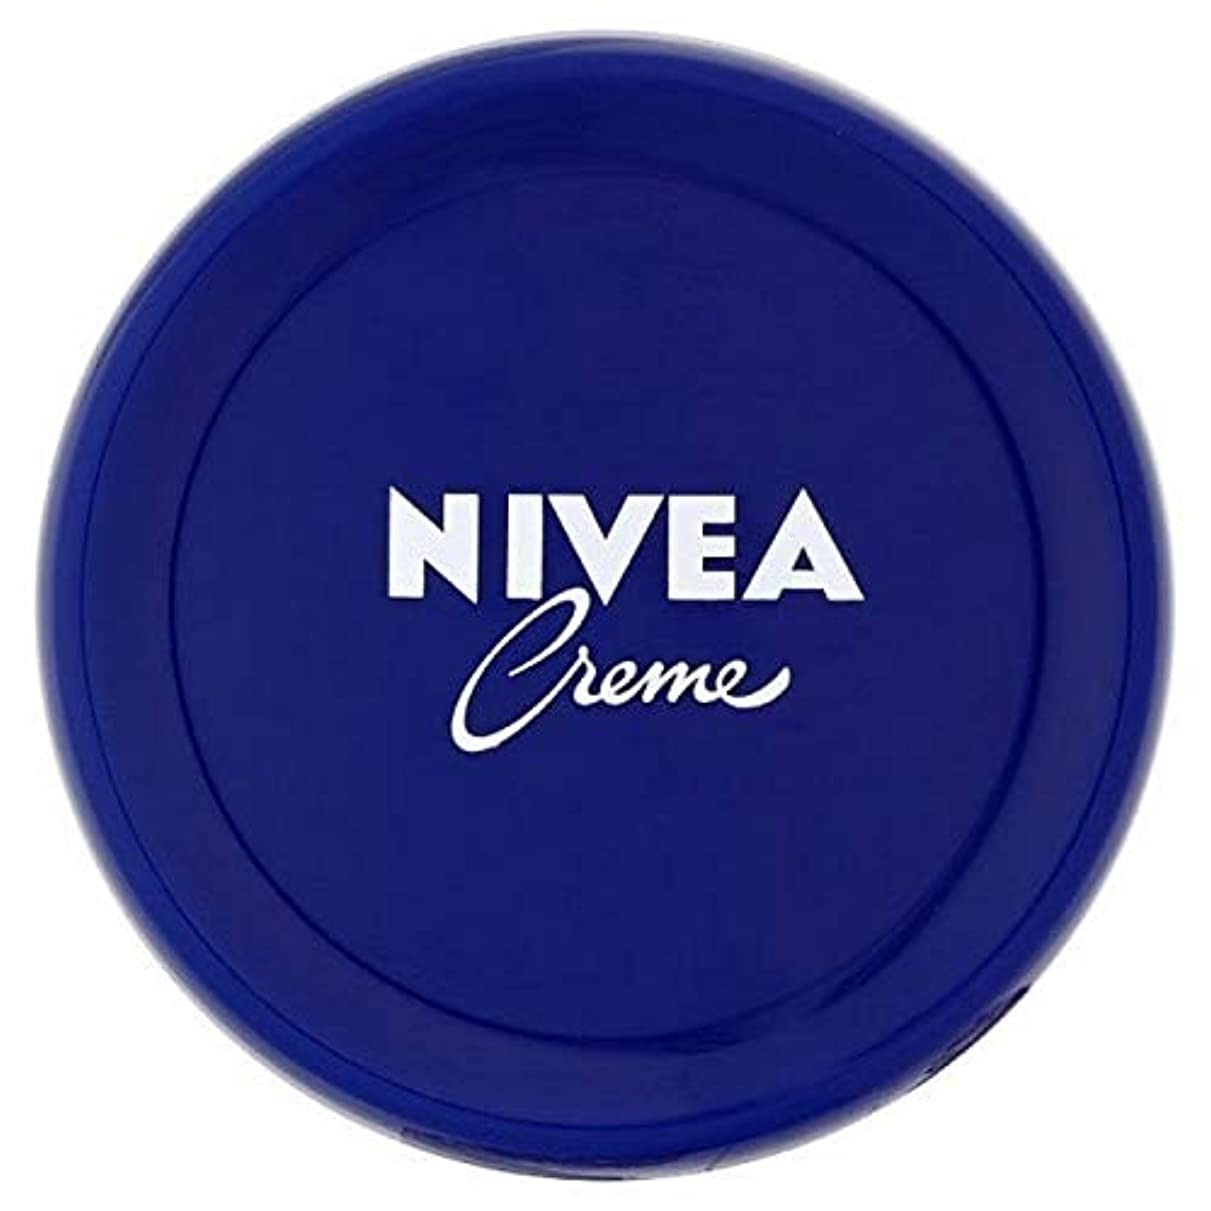 空気本質的ではない断線[Nivea ] ニベアクリーム万能ボディクリーム、200ミリリットル - NIVEA Creme All Purpose Body Cream, 200ml [並行輸入品]